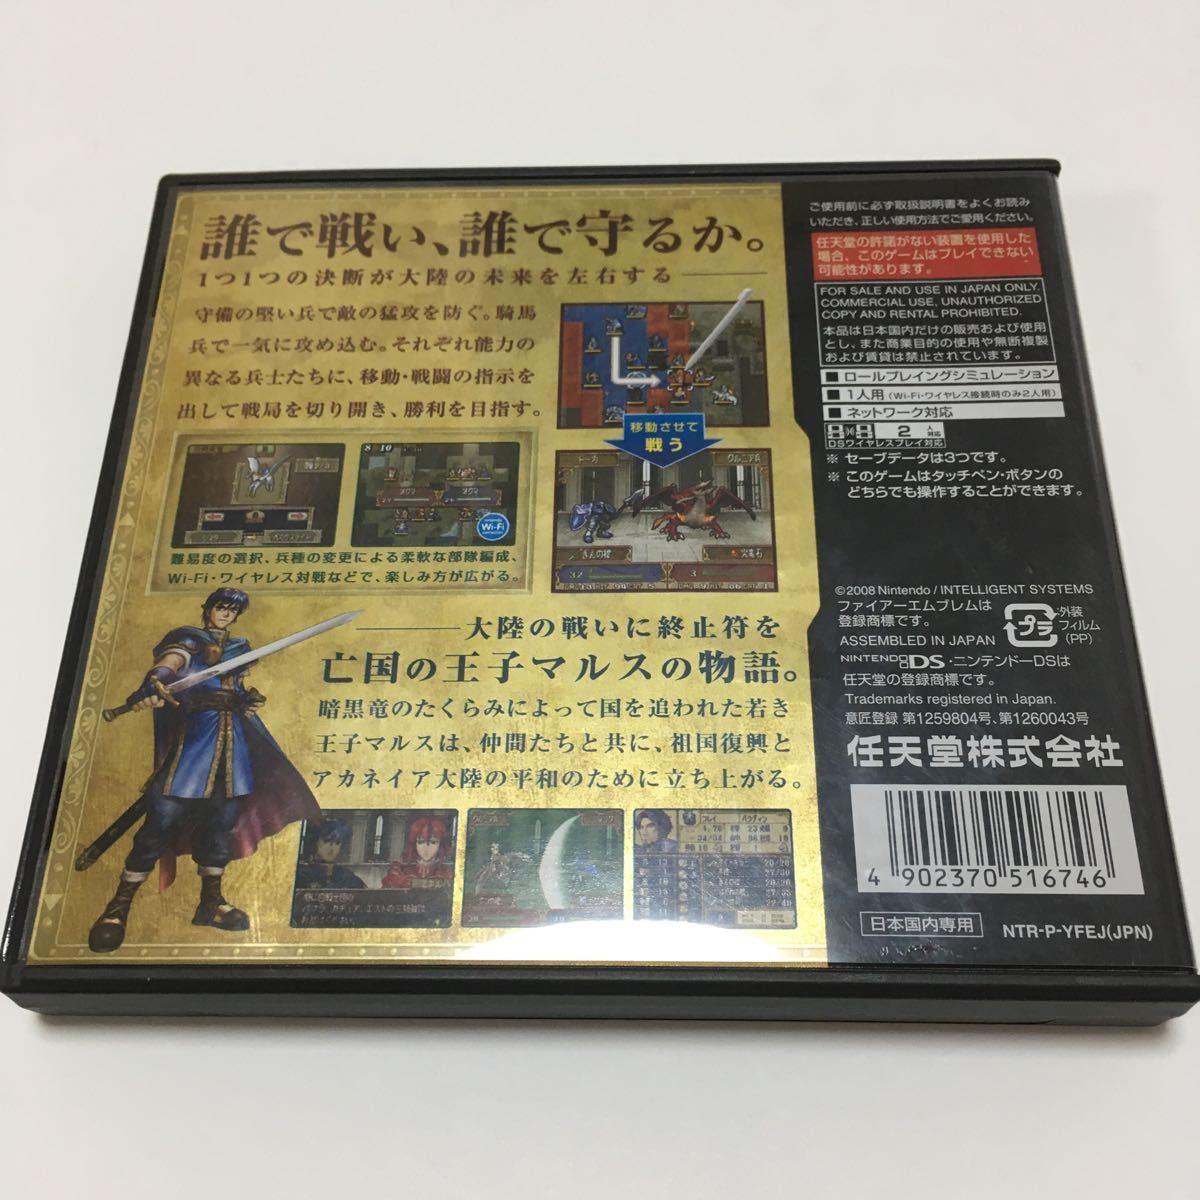 ニンテンドーDS ソフト ファイアーエムブレム 新・暗黒竜と光の剣 動作確認済み 任天堂 カセット レトロ ゲーム